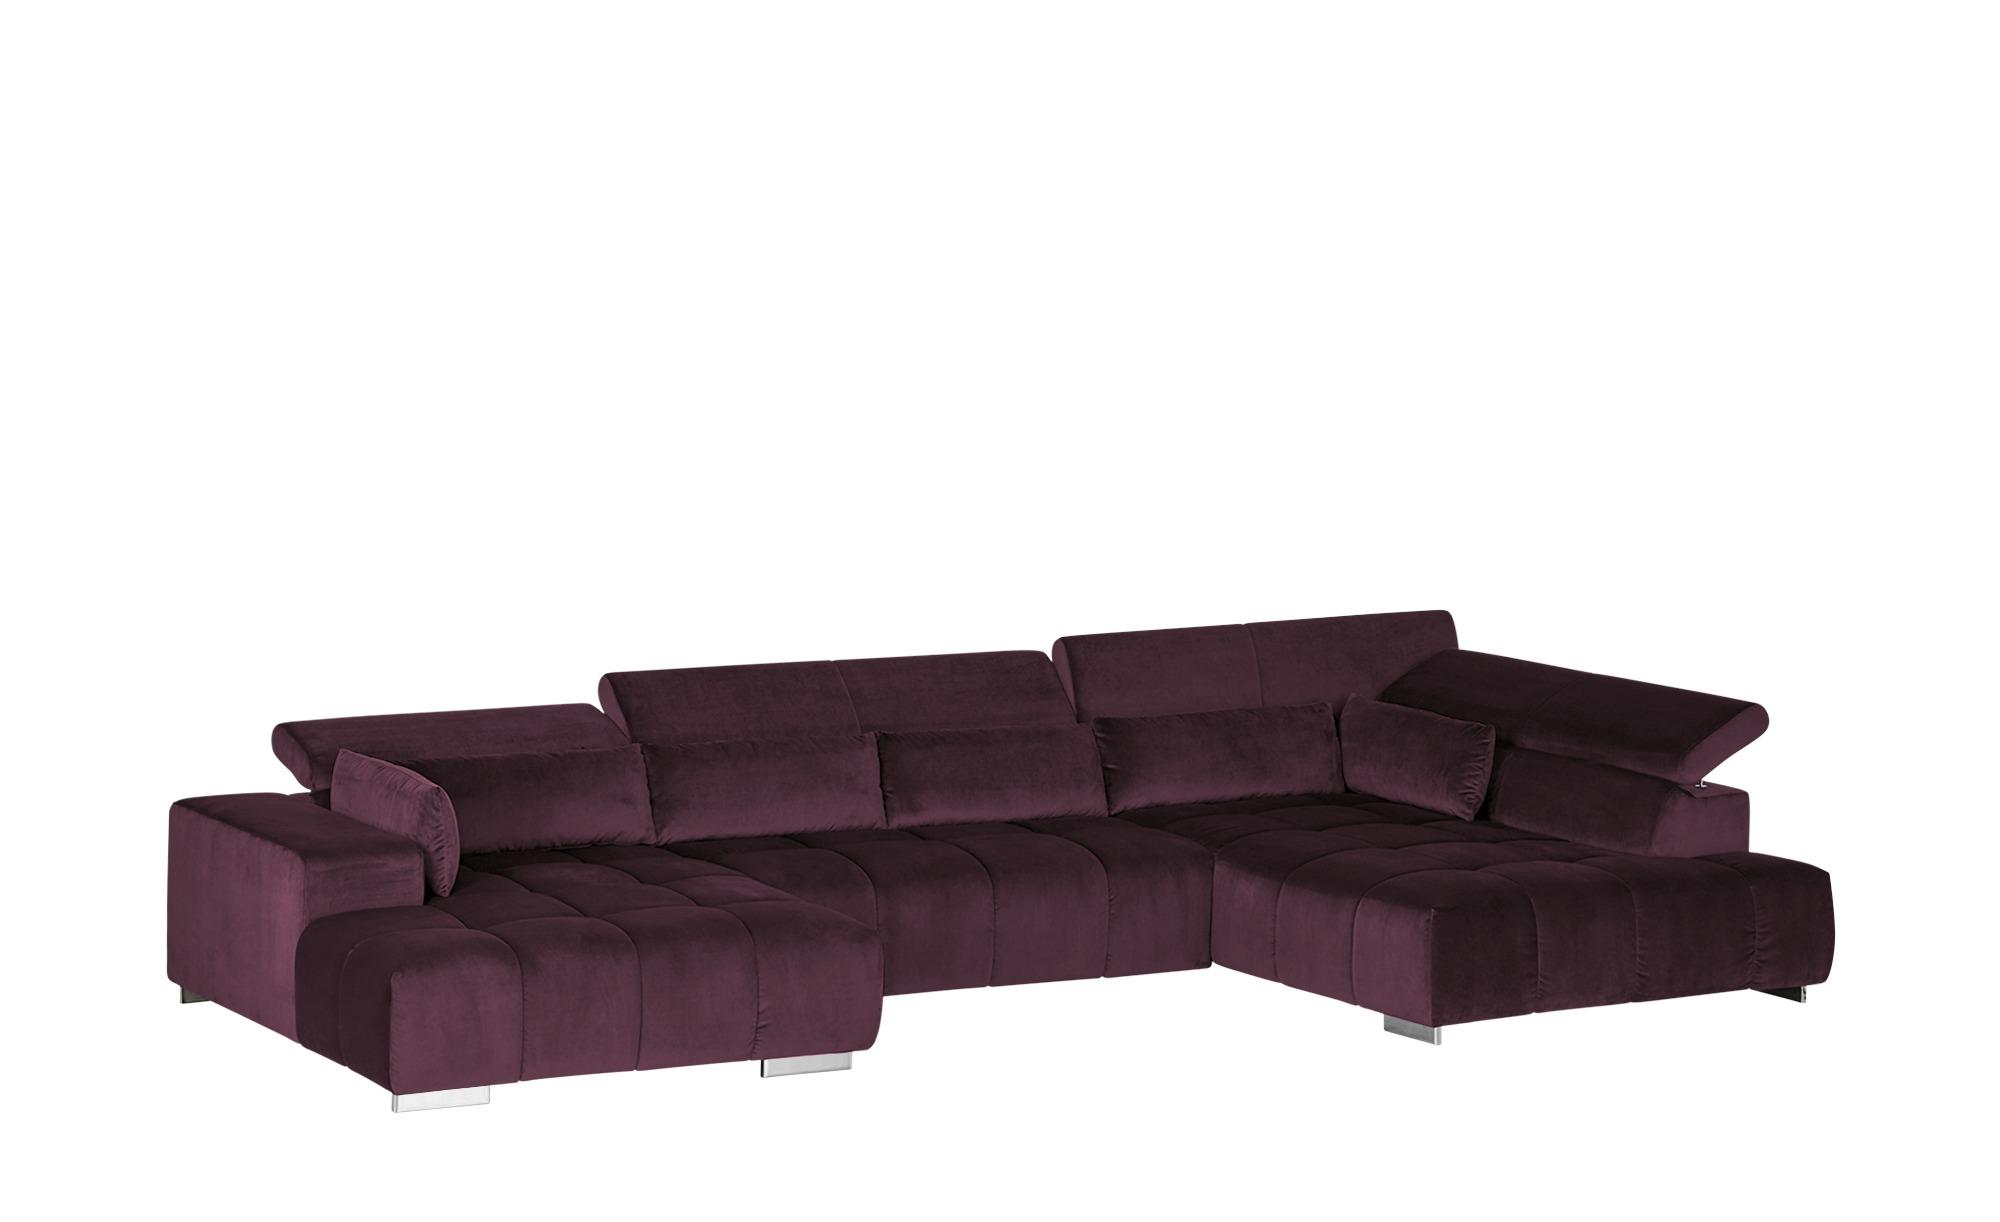 uno Wohnlandschaft  Origo ¦ lila/violett ¦ Maße (cm): H: 70 Polstermöbel > Sofas > Wohnlandschaften - Höffner